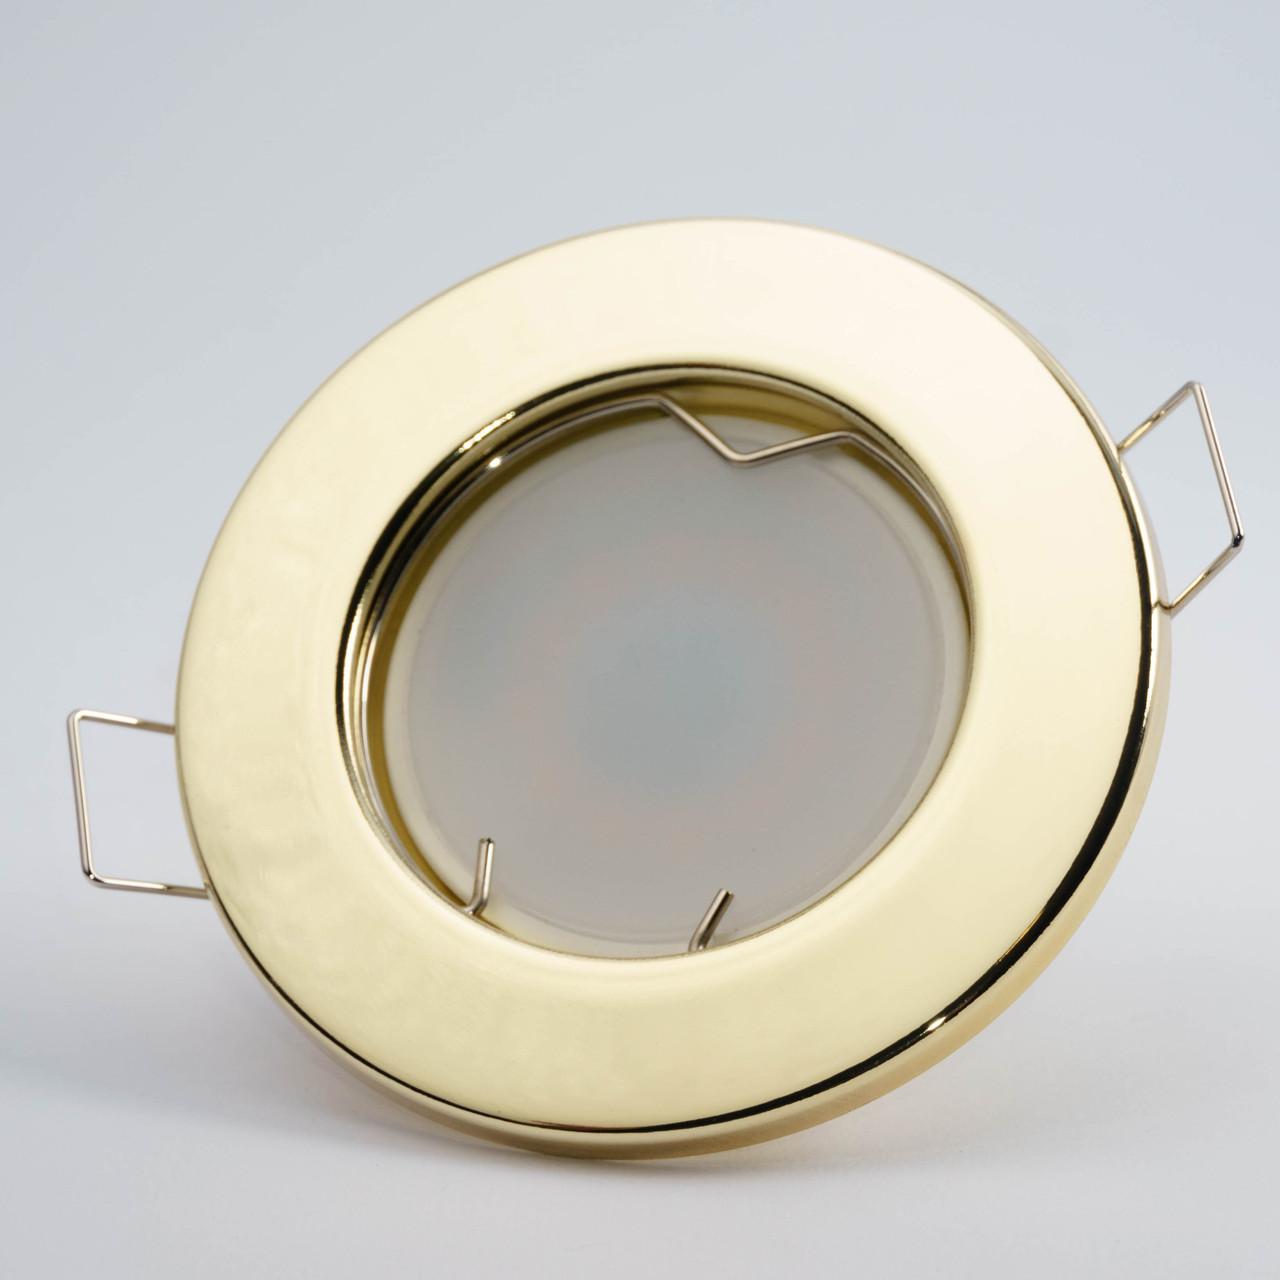 Встраиваемый светильник Feron DL10 золото